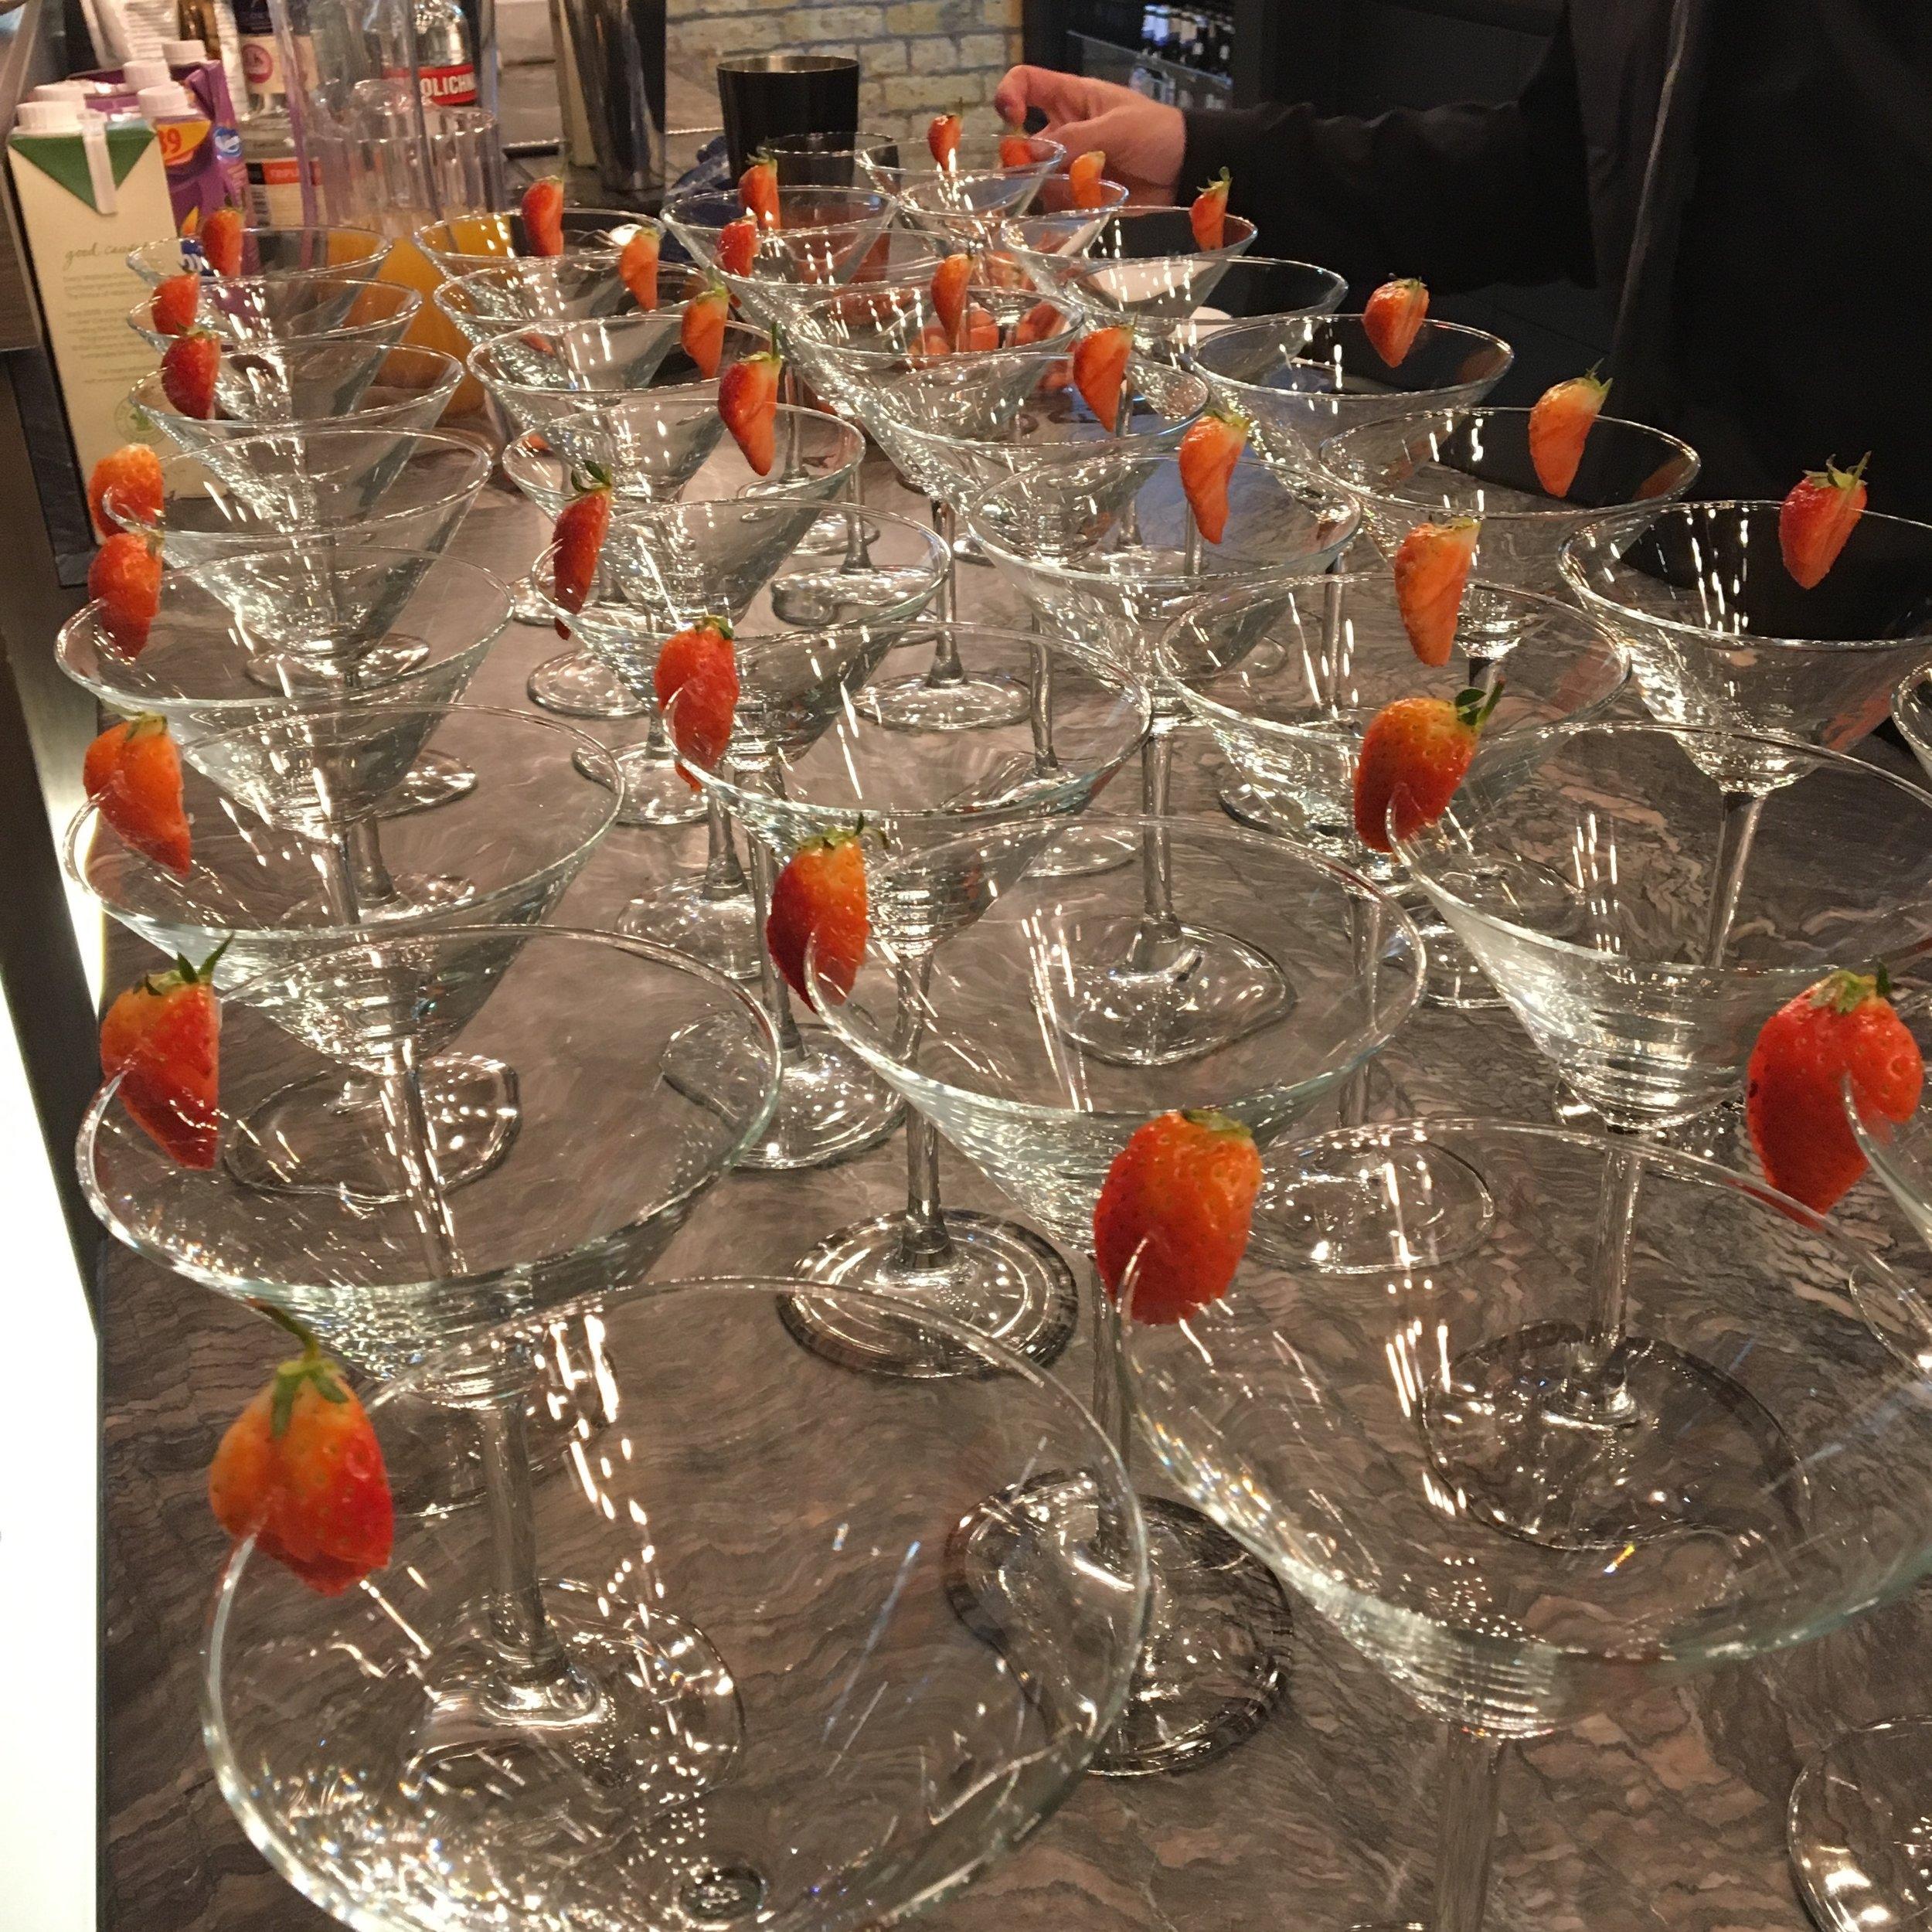 Strawberry Daiquiris are at the Hilton